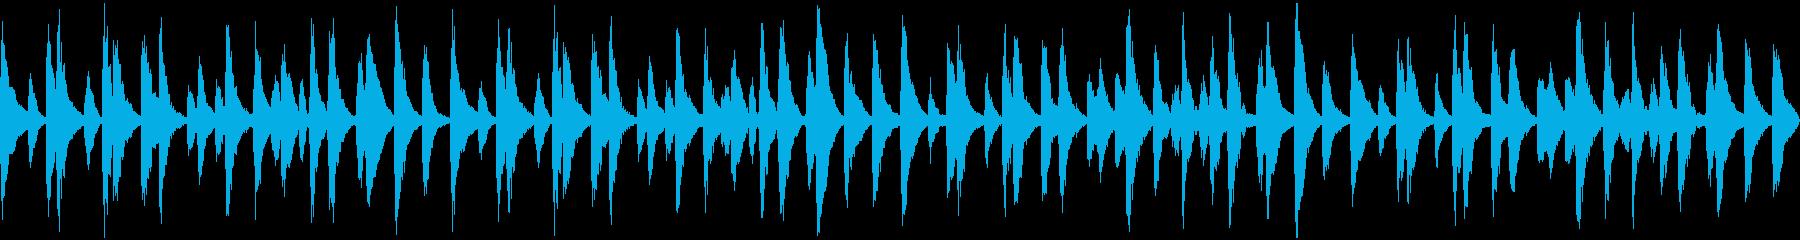 ほのぼのとしたBGM 日常・のんびりの再生済みの波形